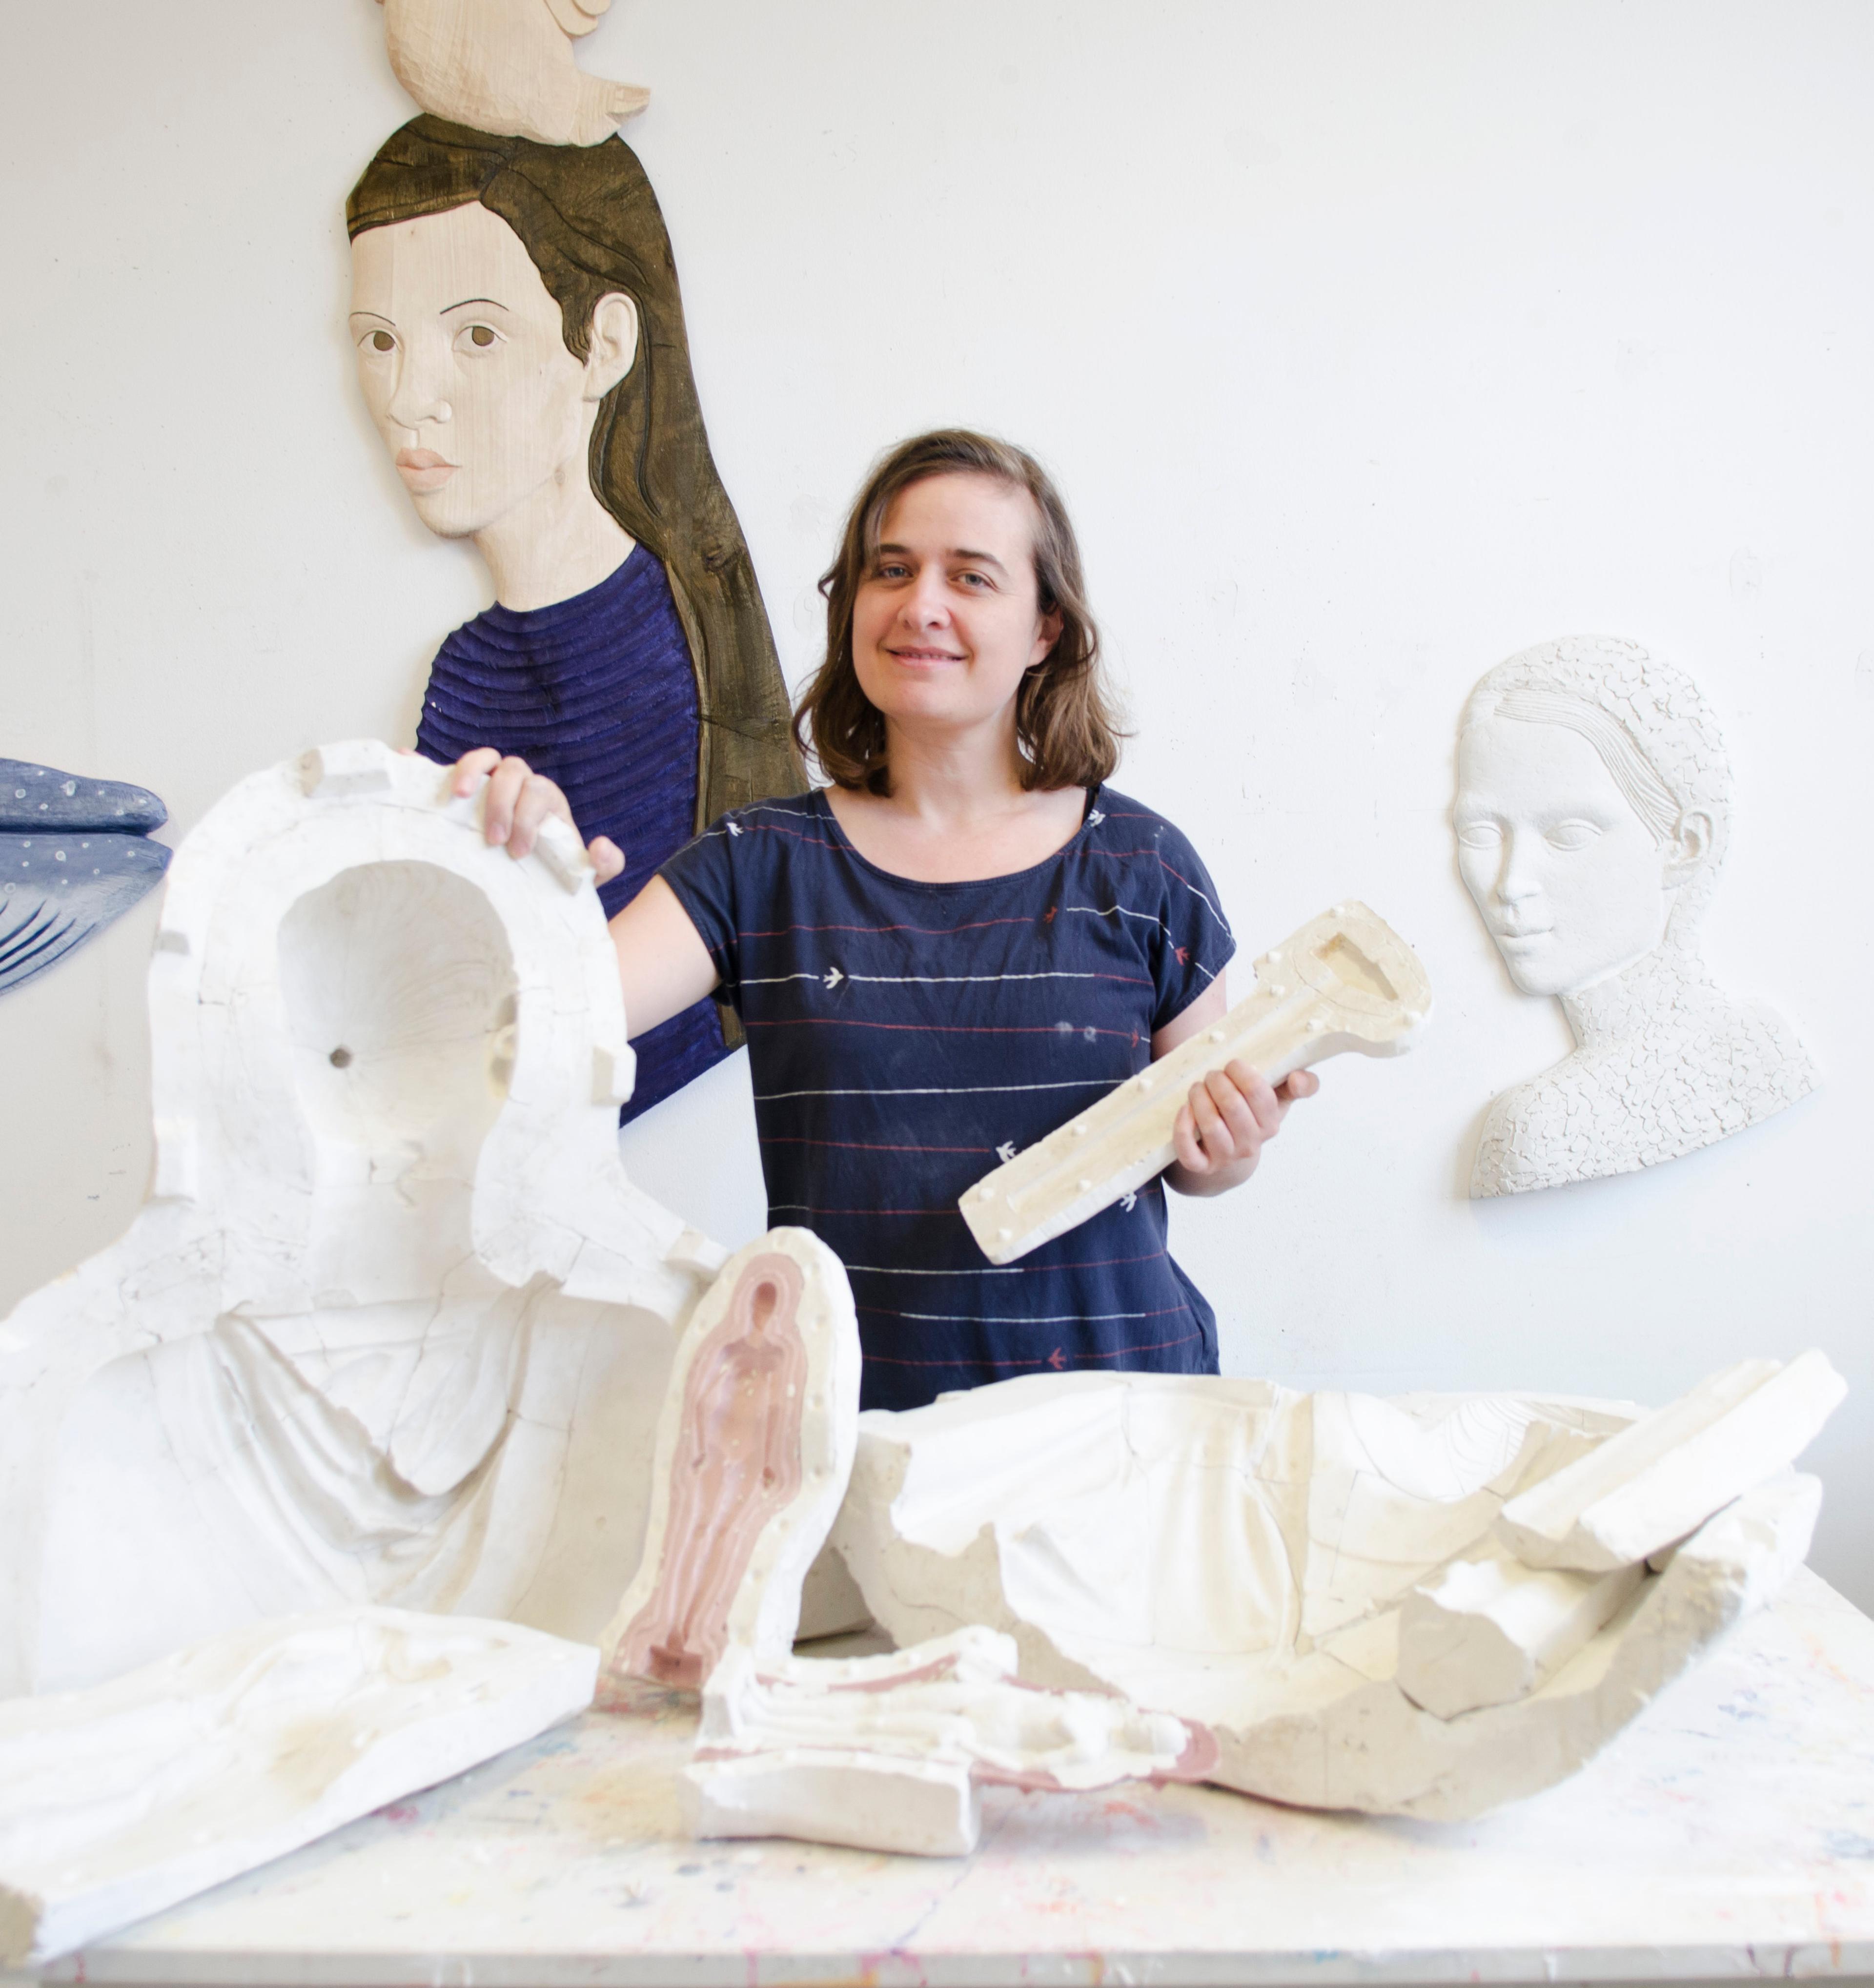 Portraitfoto der Künstlerin Isabel Ritter, vor ihr Teile ihrer Skulpturen